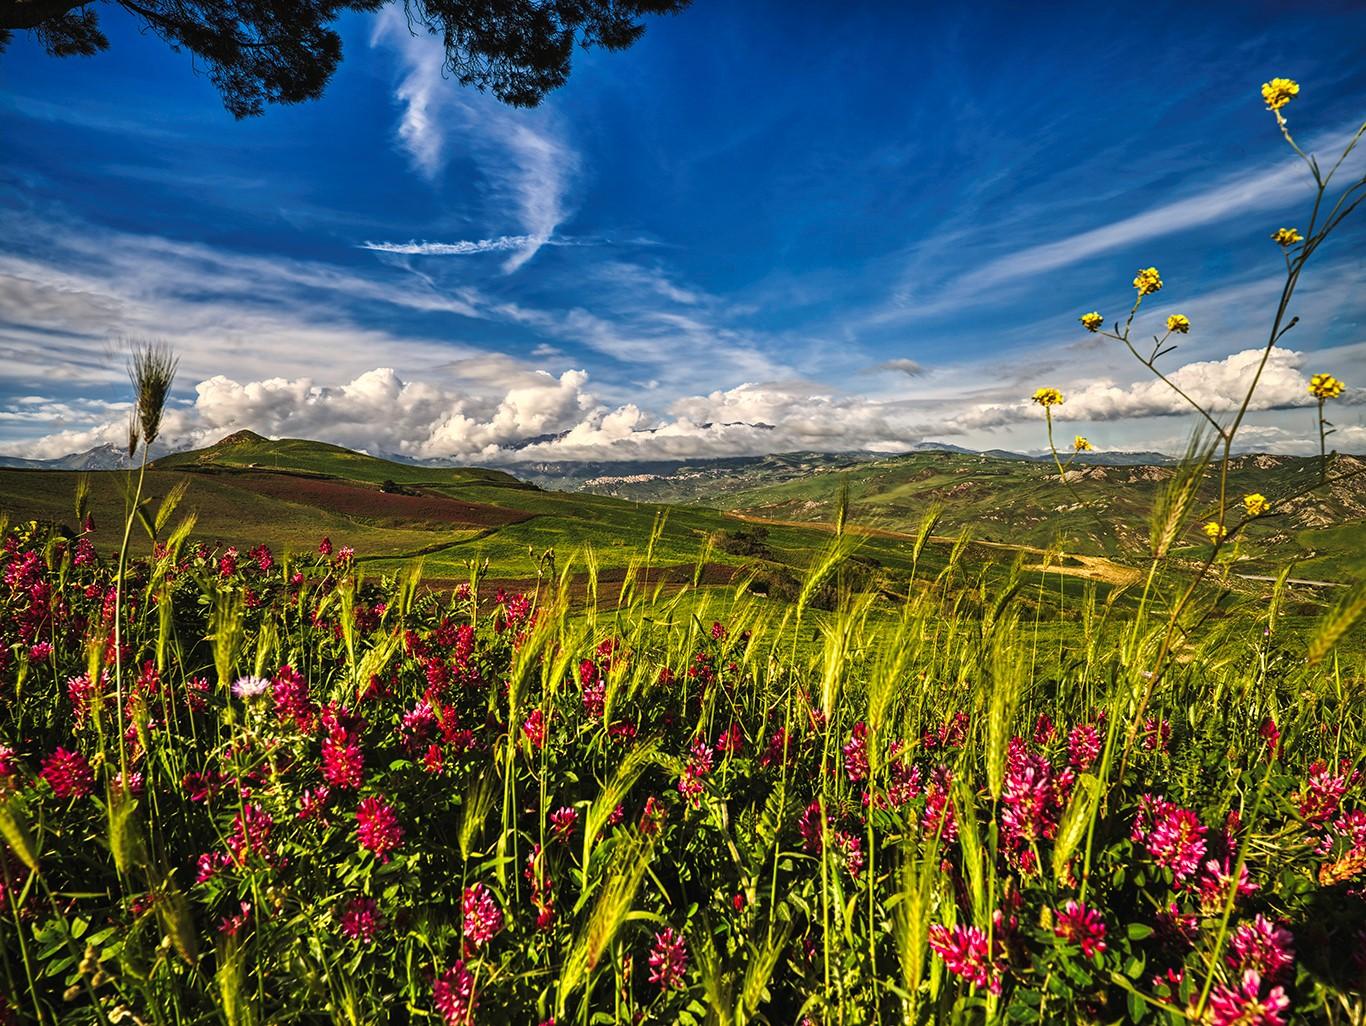 vakre røde blomster på sicilia